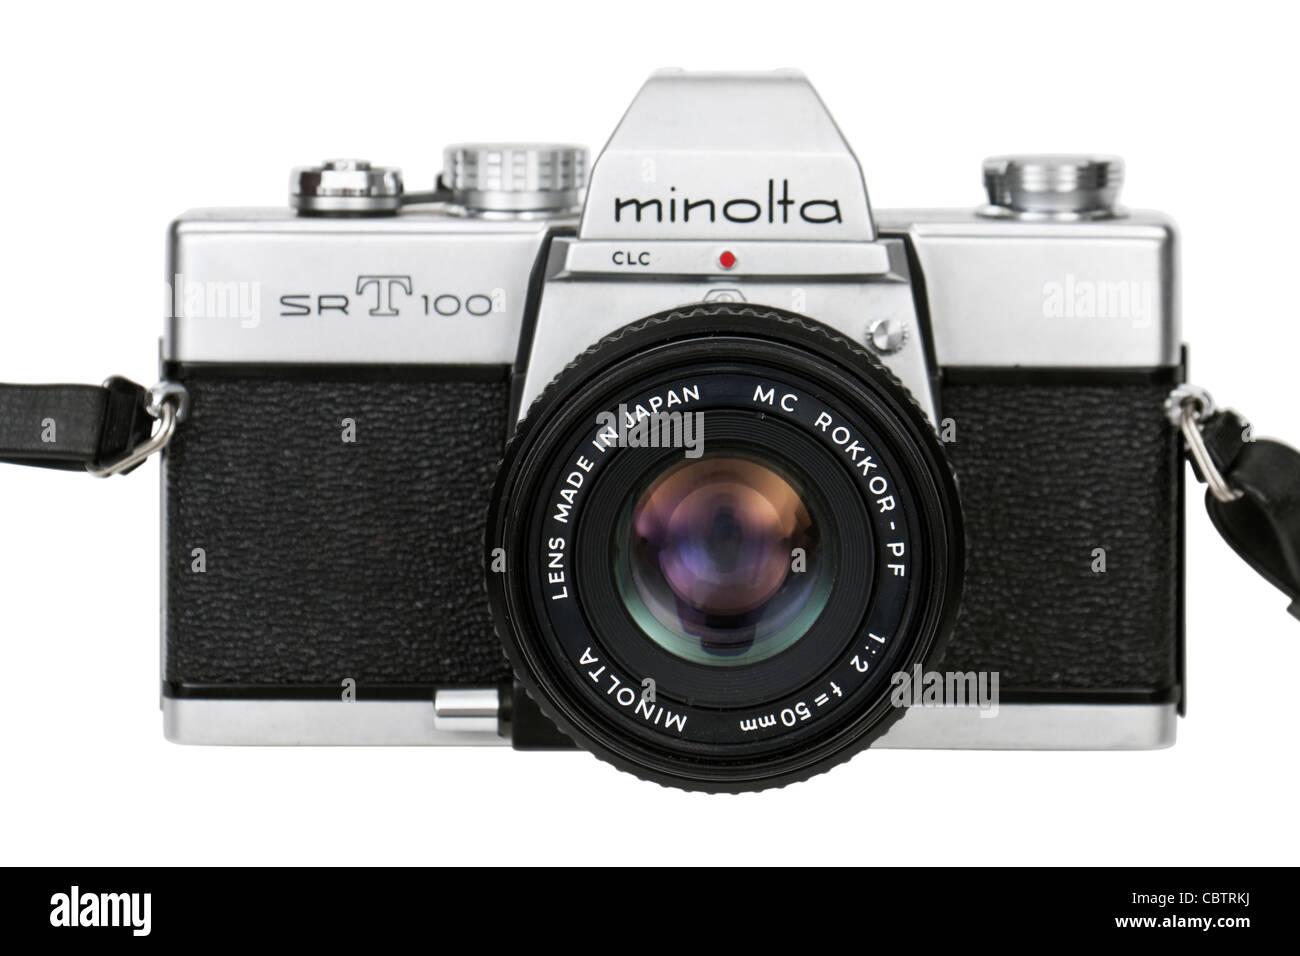 Minolta 35Mm Camera | Digital Cameras